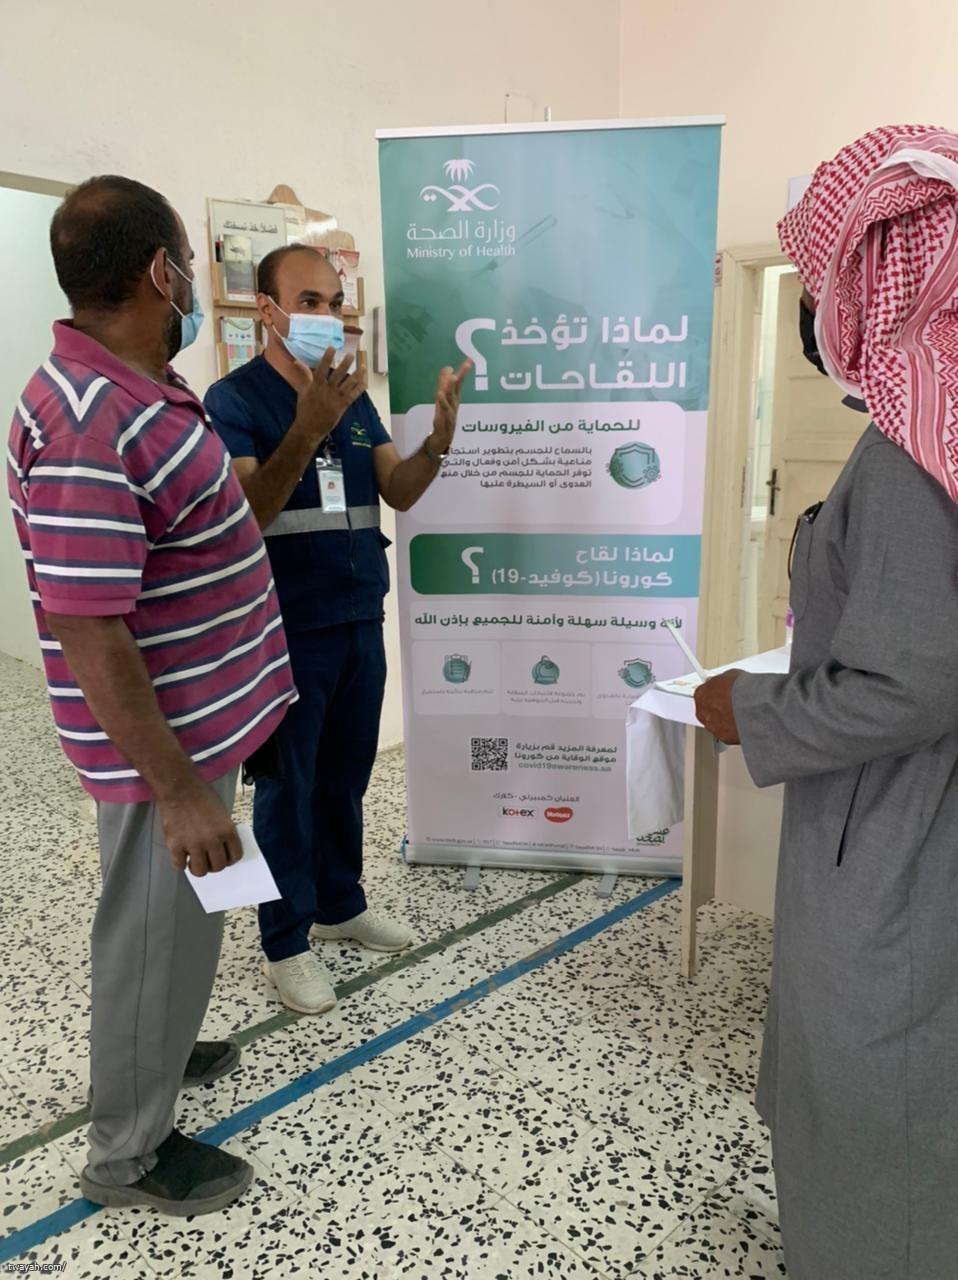 مركز صحي الكر شداد يستقبل رمضان بيوم الصحة العالمي والتوعية لمريض السكري